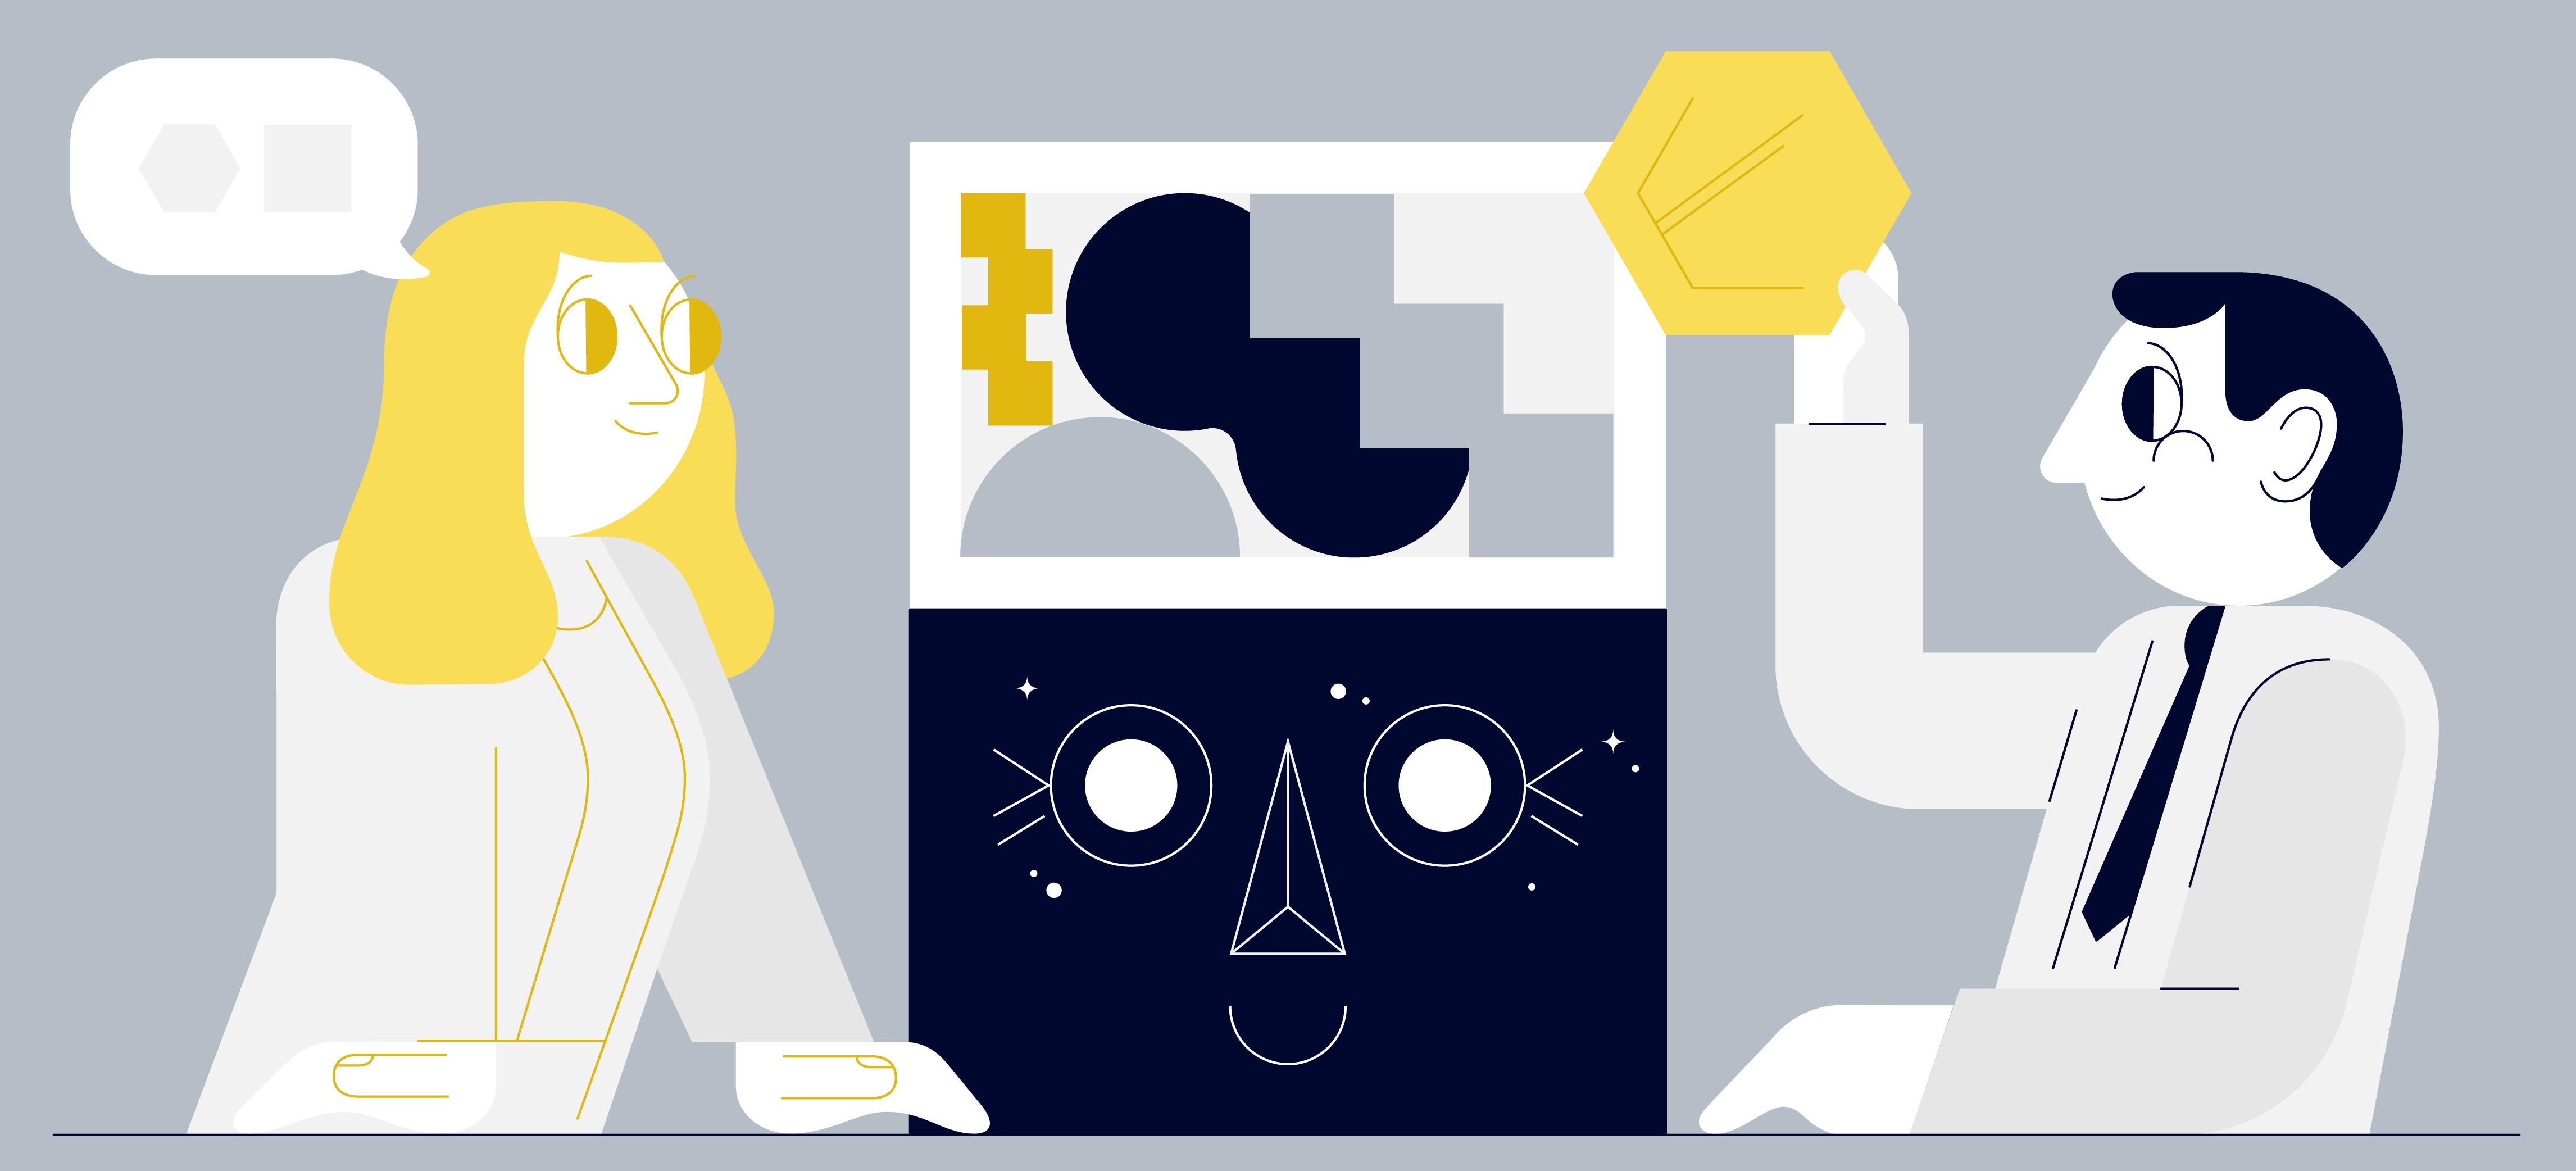 Лаборатория Тинькофф как студенты разрабатывают визуального робота